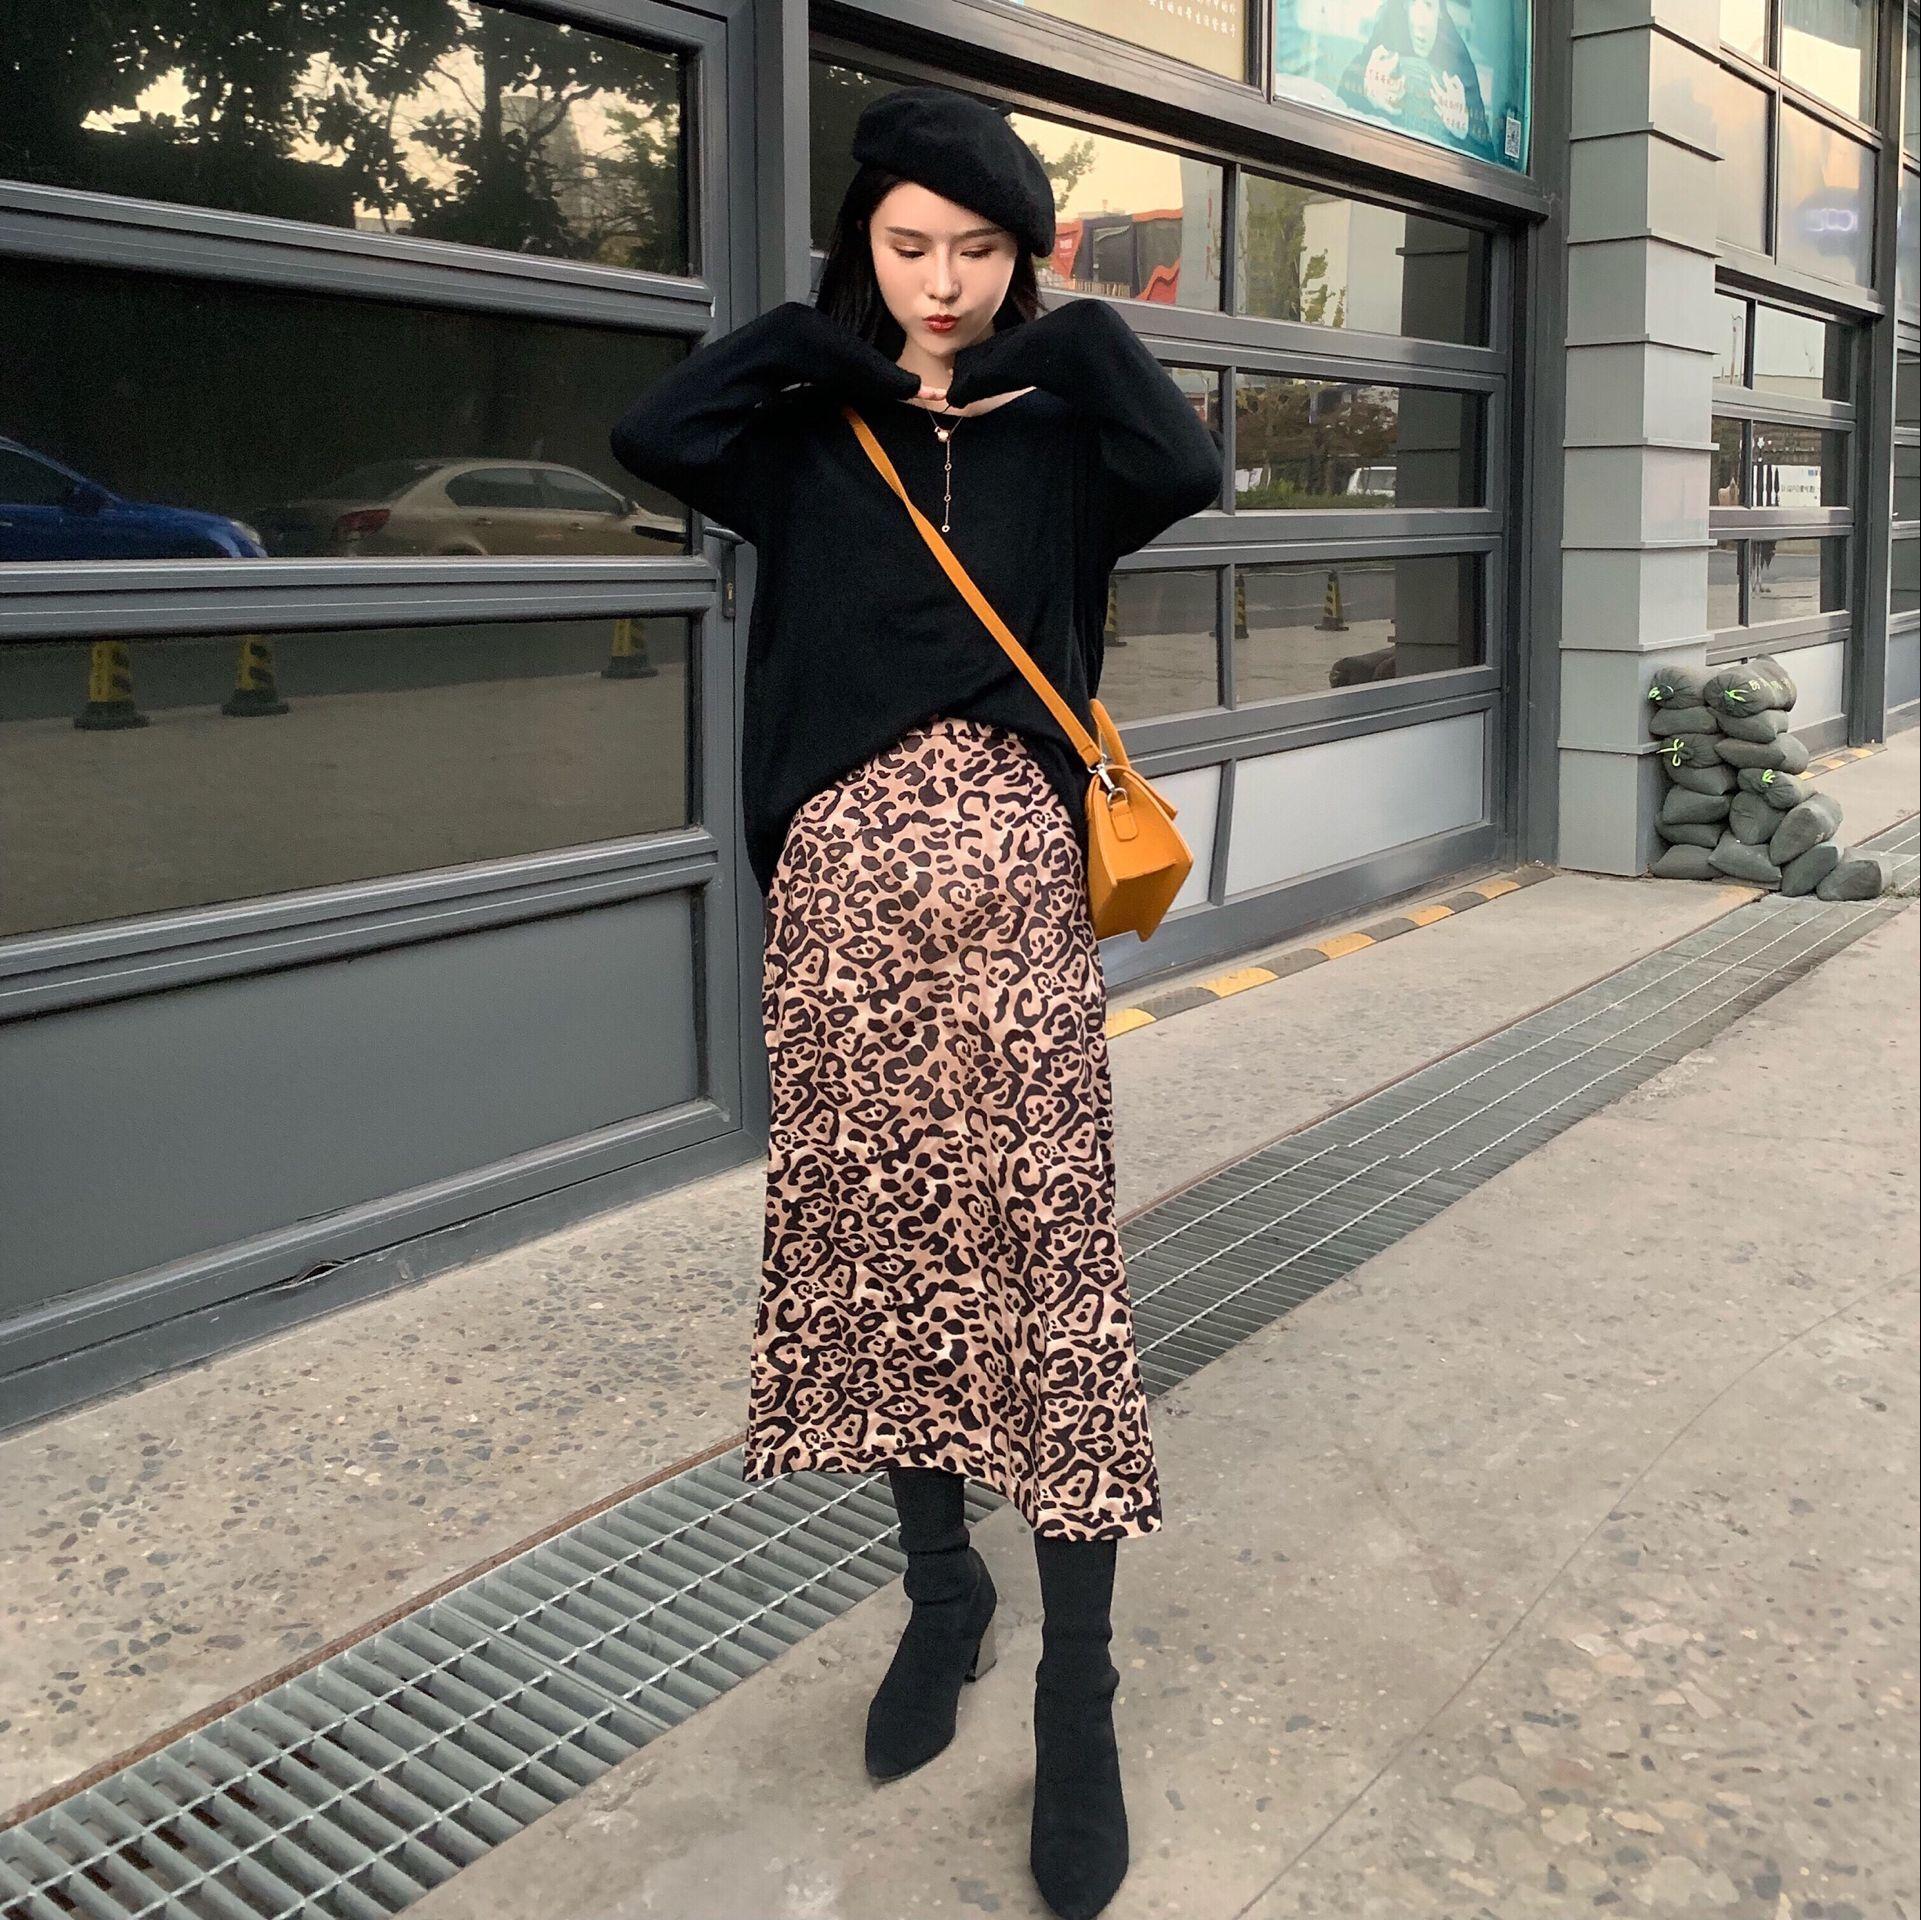 冬装韩版宽松毛衣穿出慵懒美